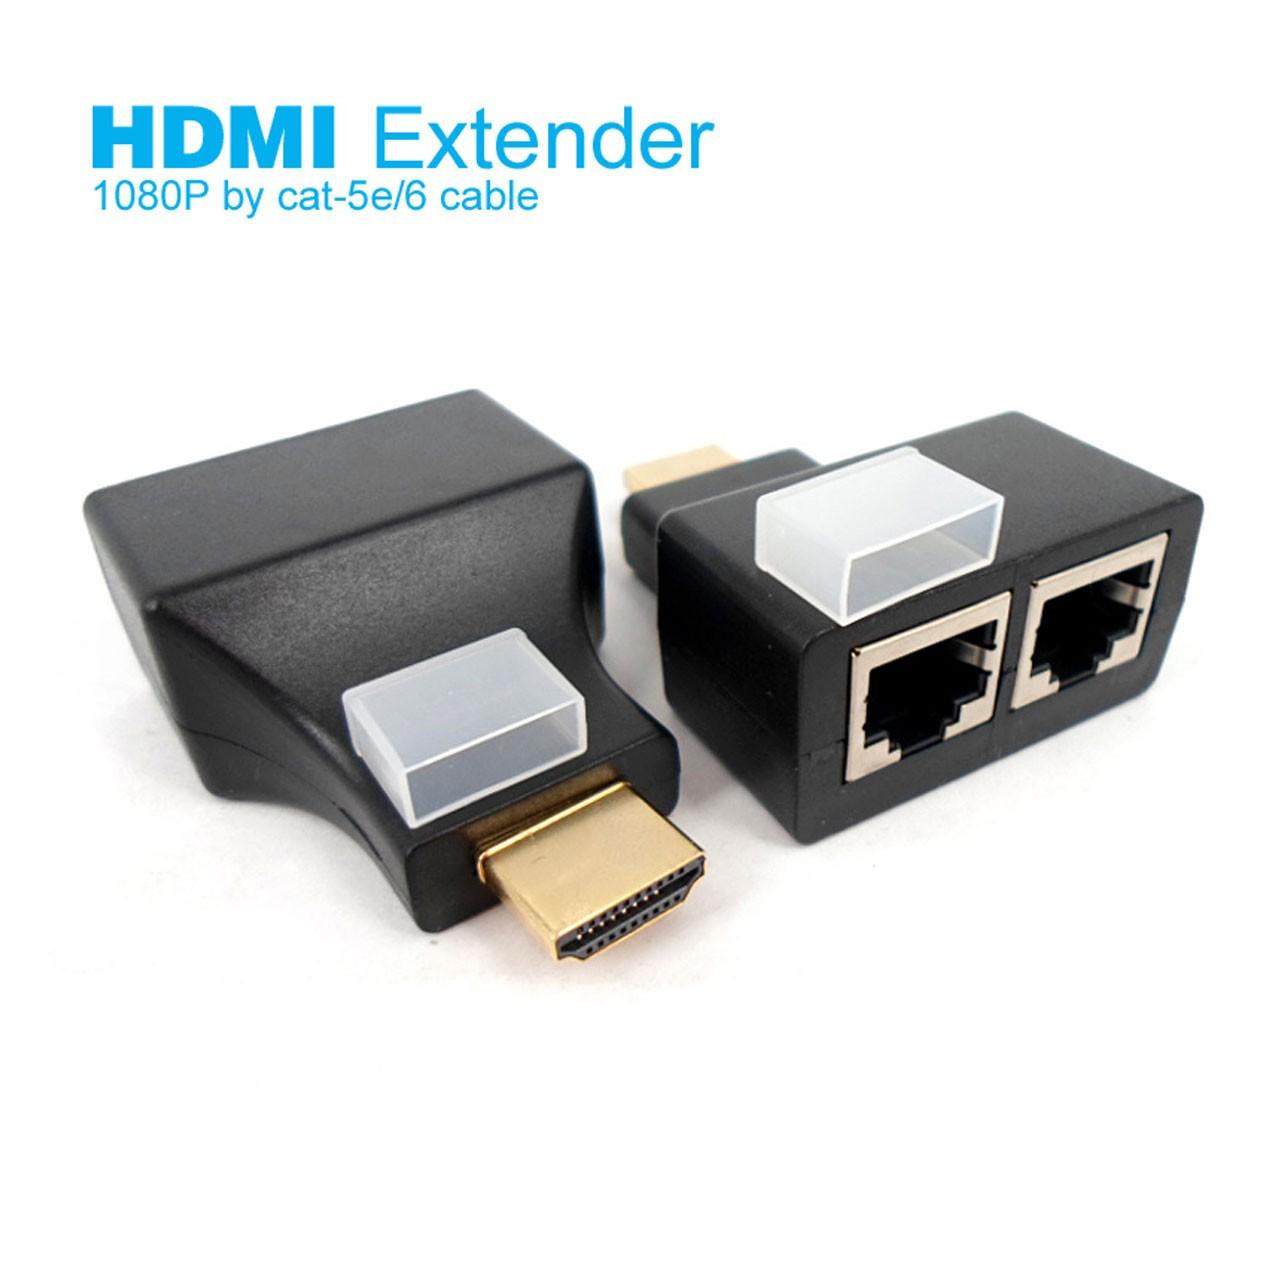 افزایش طول 30 متری HDMI با 2 رشته کابل شبکه